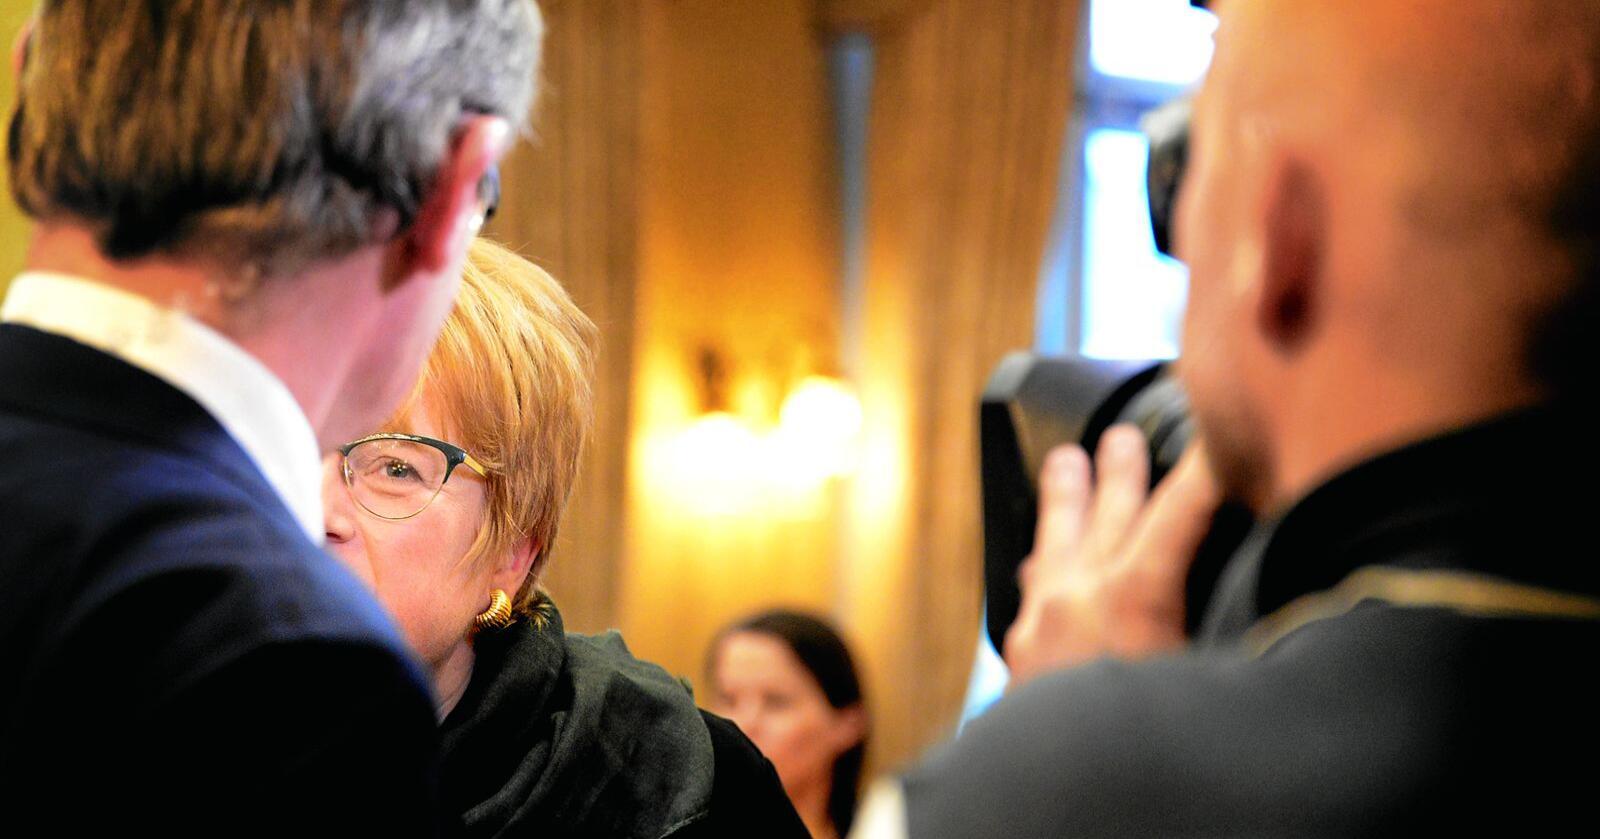 Trine Skei Grandes lederskap slår sprekker. Men hun kan bli sittende. Foto: Siri Juell Rasmussen